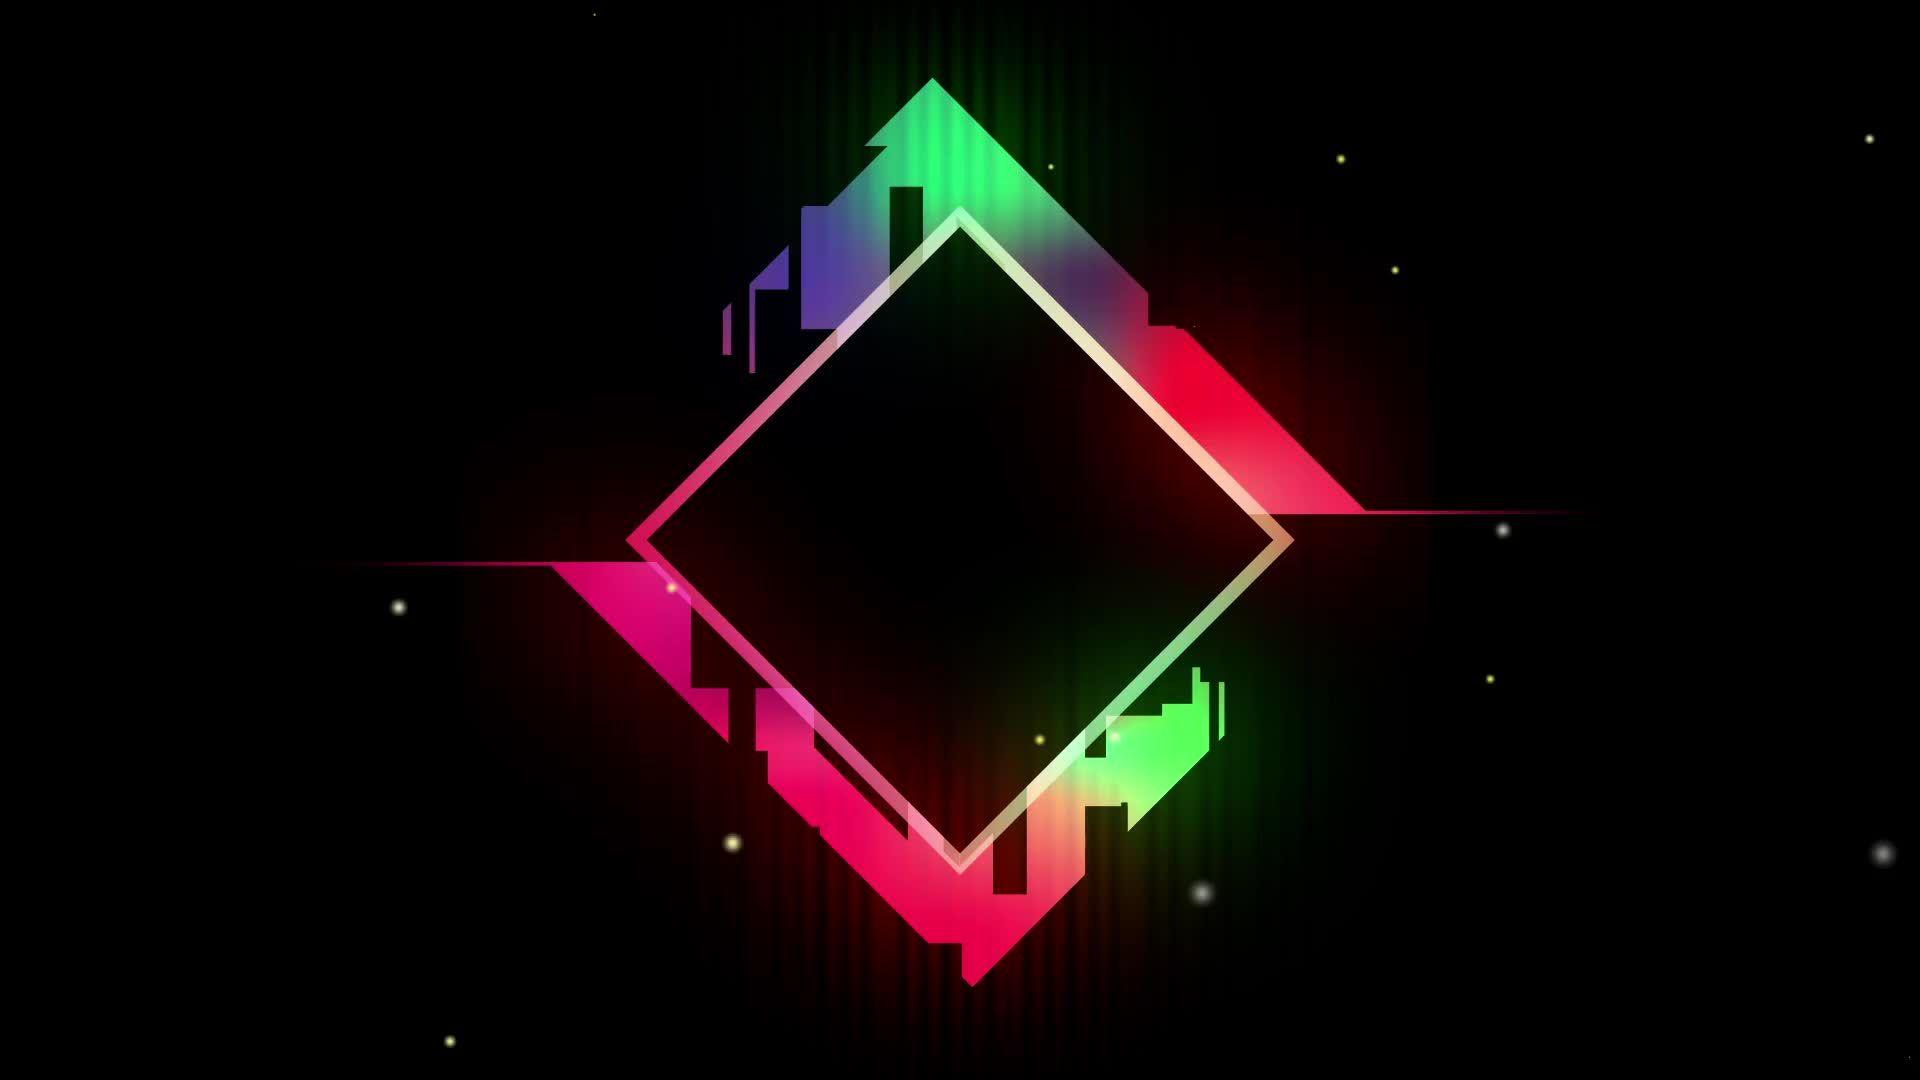 Neon Hyper Light Drifter - 1920x1080 Wallpaper - teahub.io